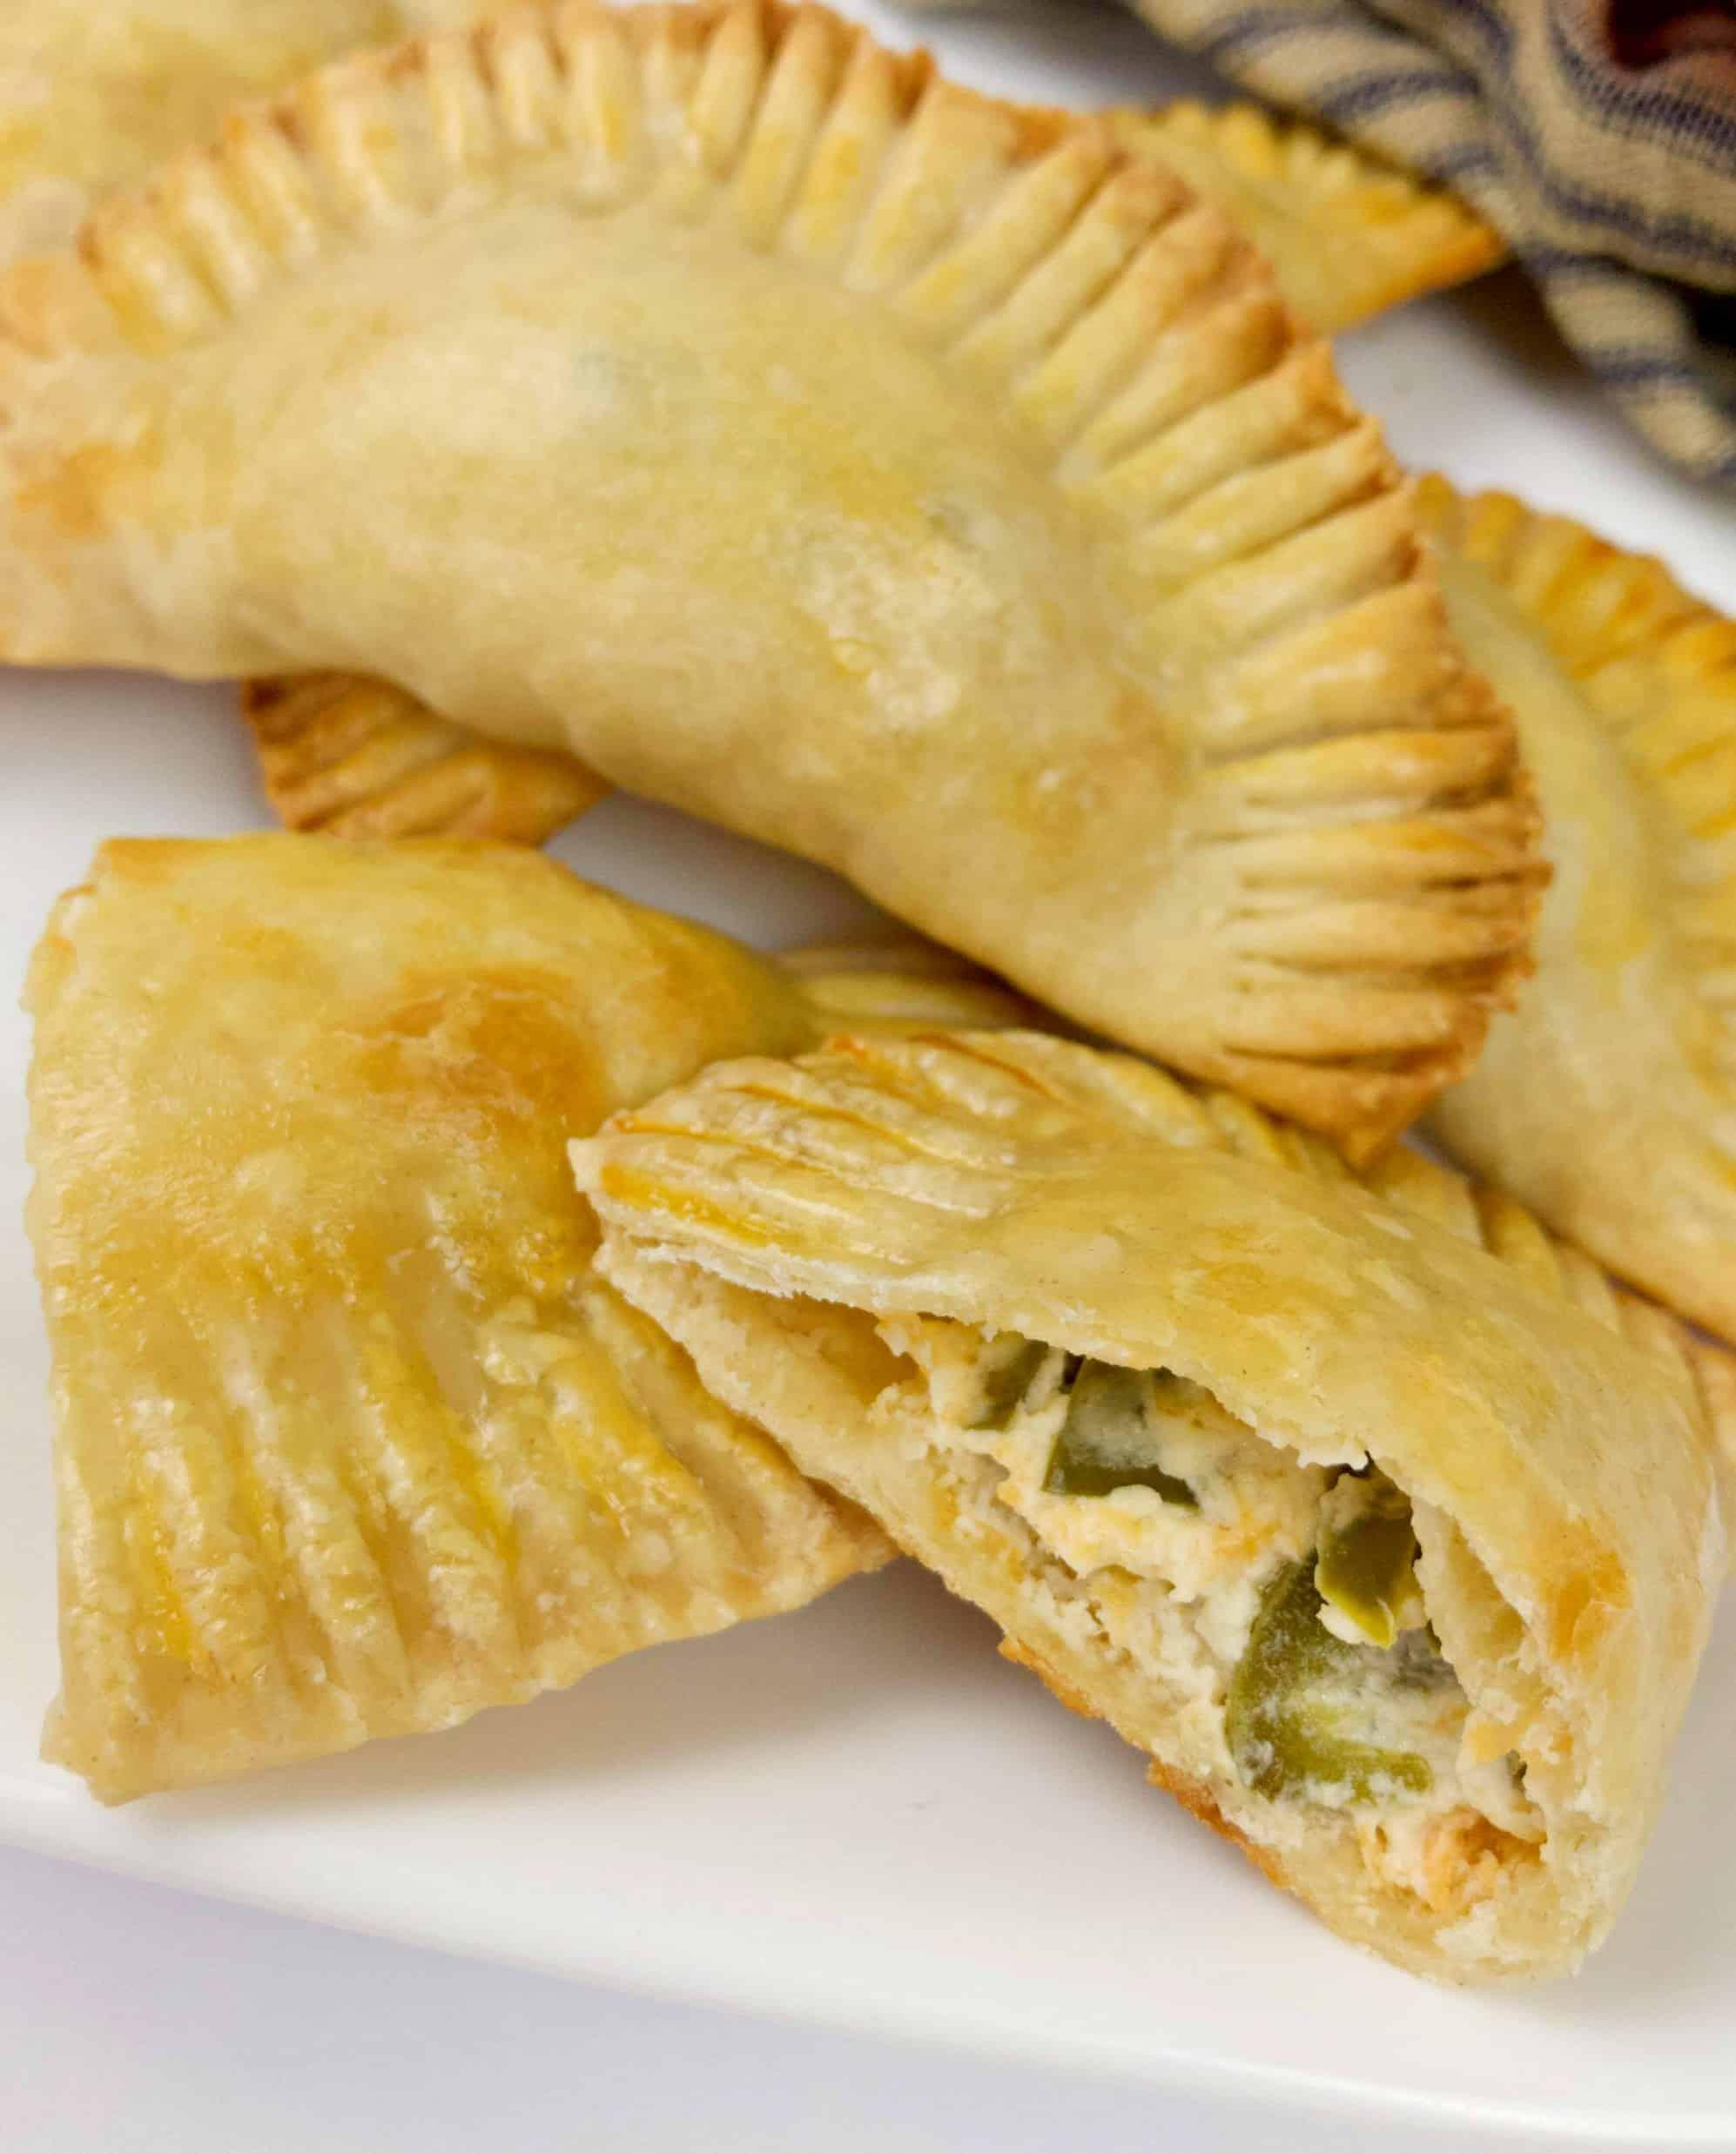 Jalapeno Popper Empanadas